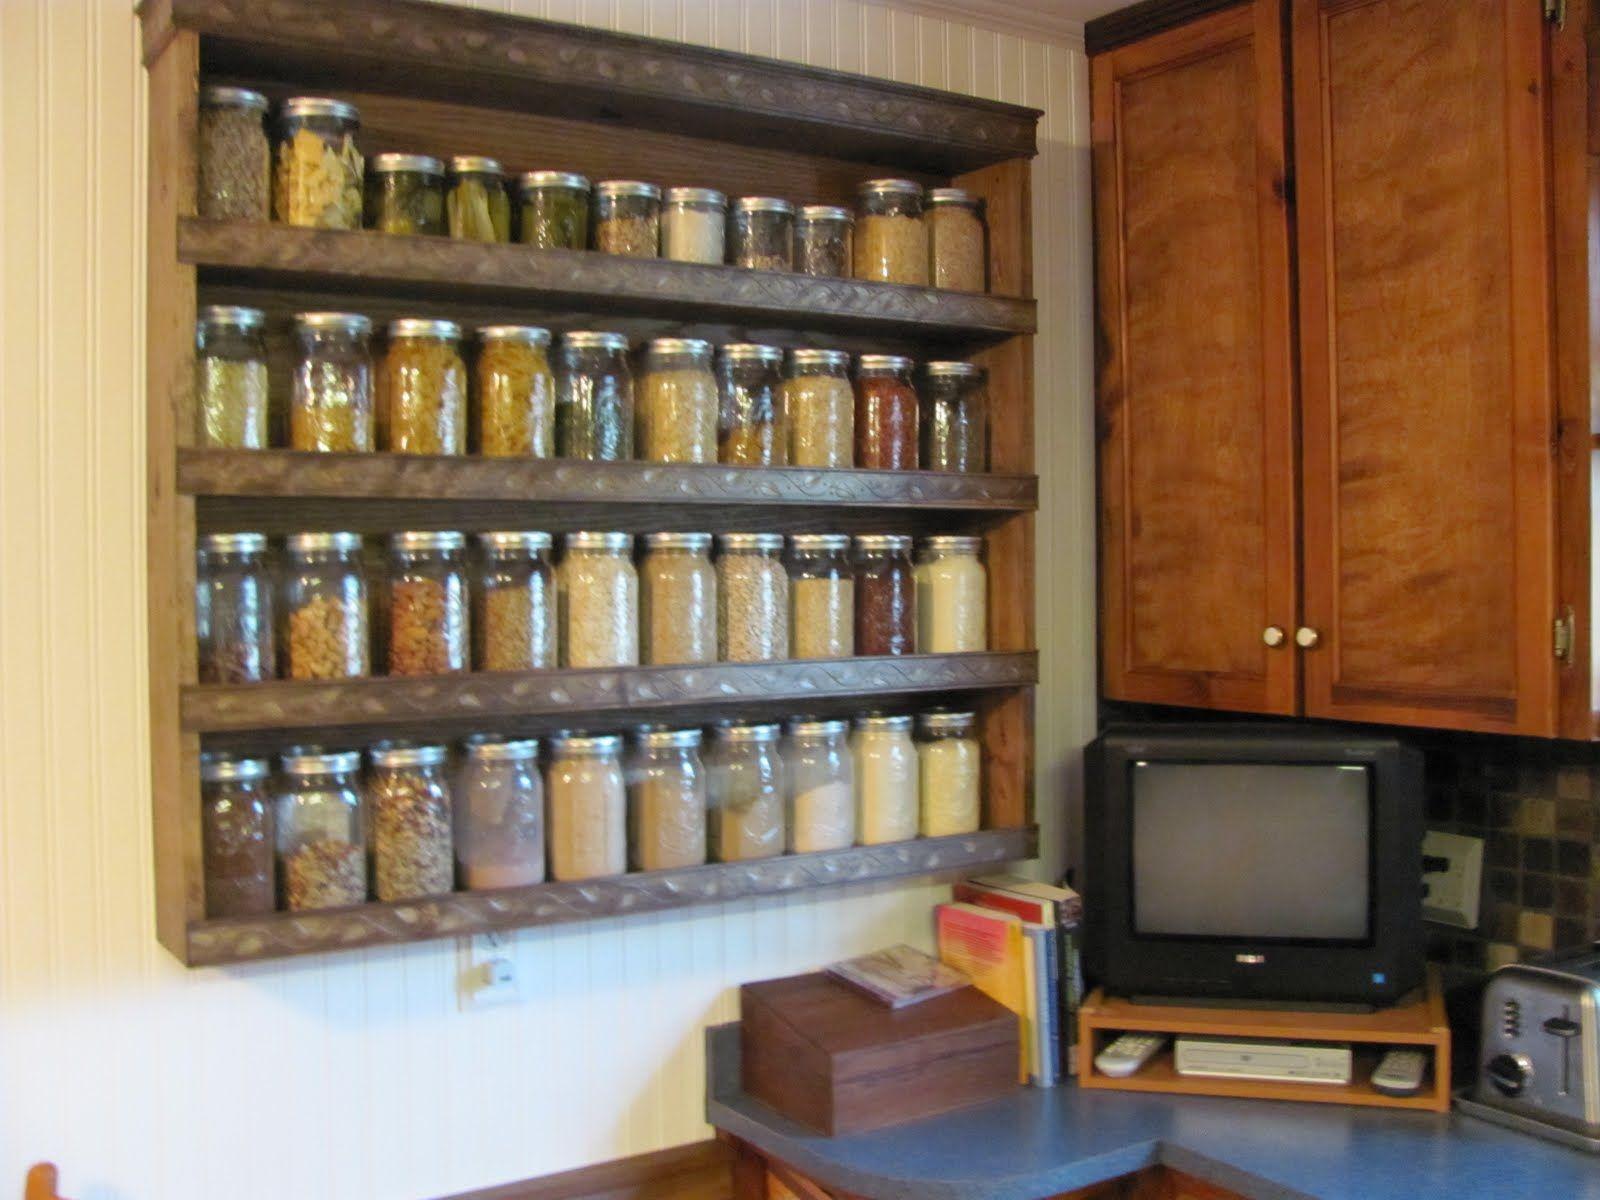 storage com organization ideas cabinet lifeinkitchen island open kitchen